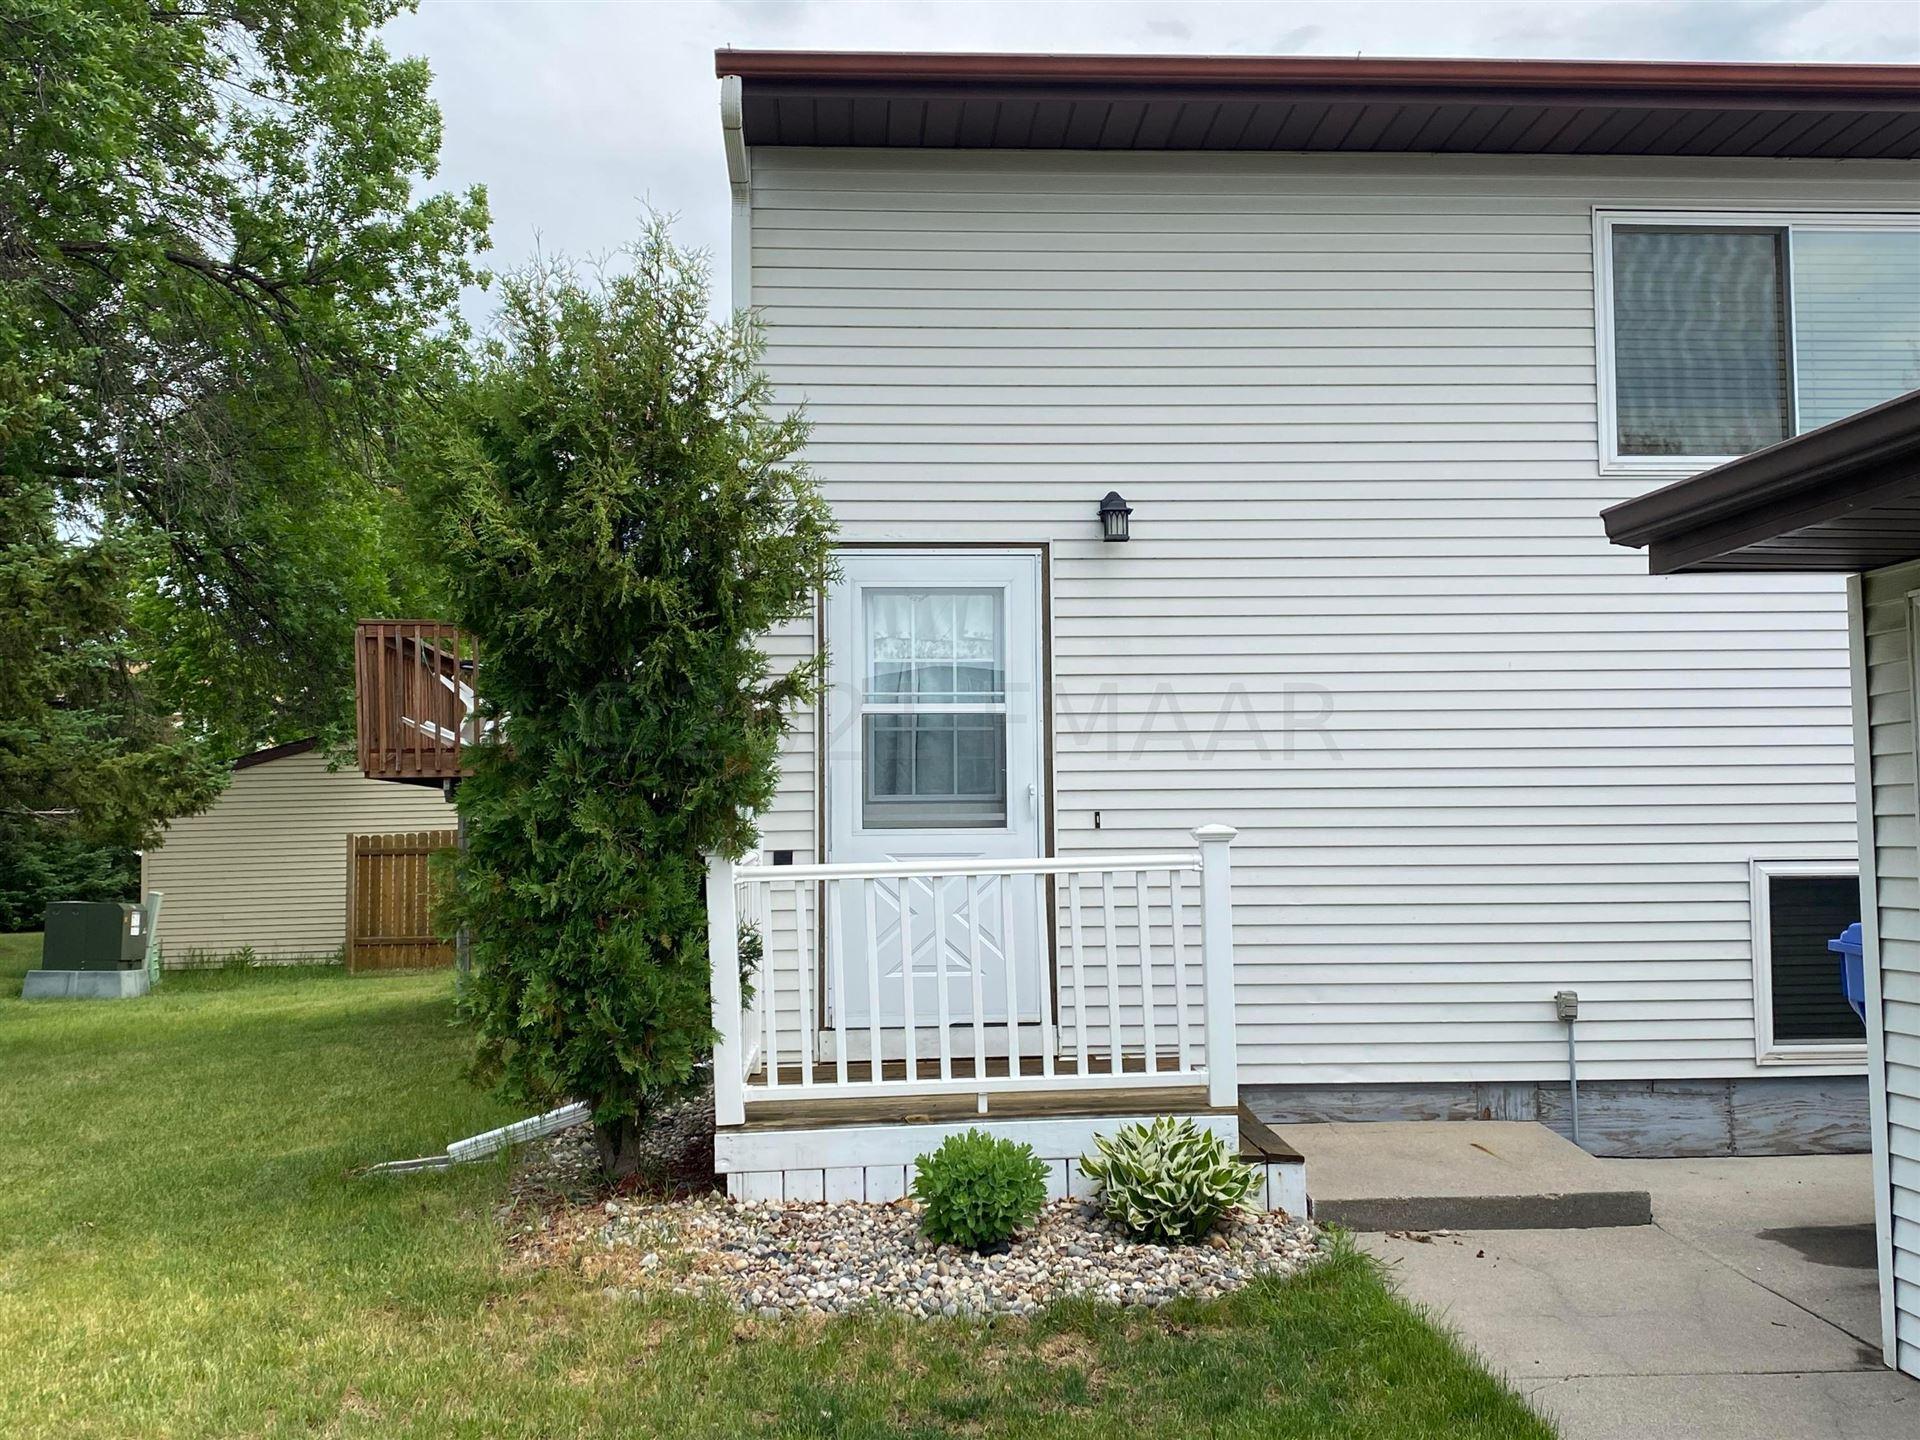 1707 25 Avenue S, Fargo, ND 58103 - #: 21-3146